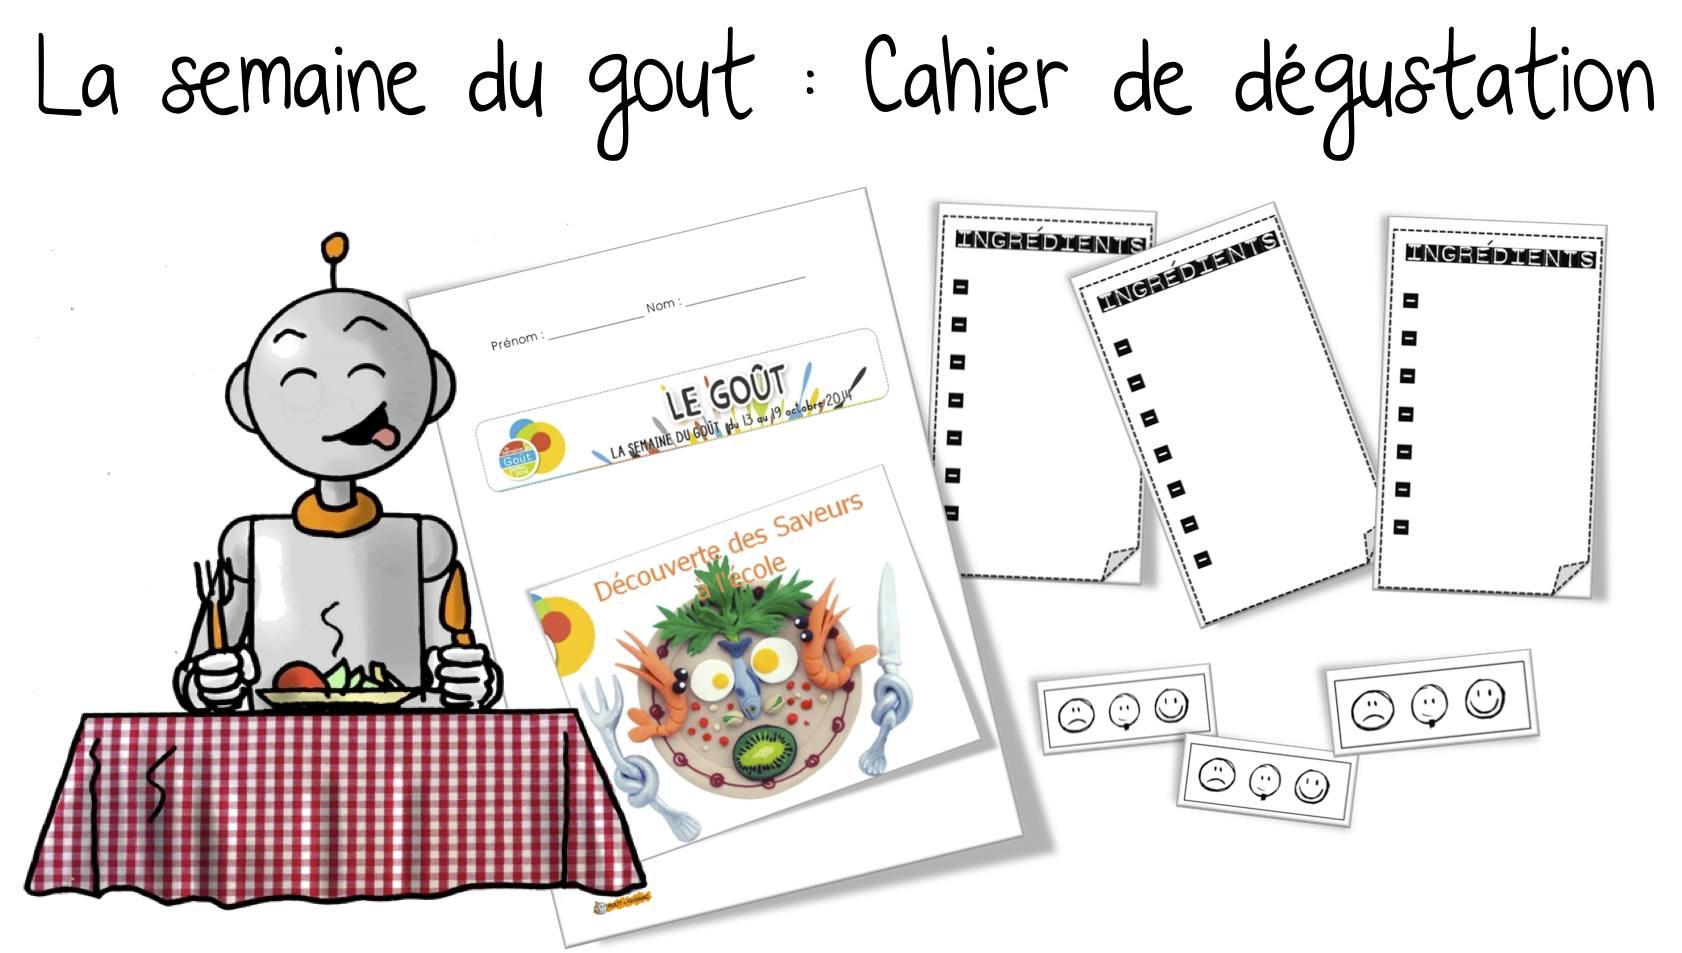 Recettes de cuisine bout de gomme - Creer un cahier de recettes de cuisine ...